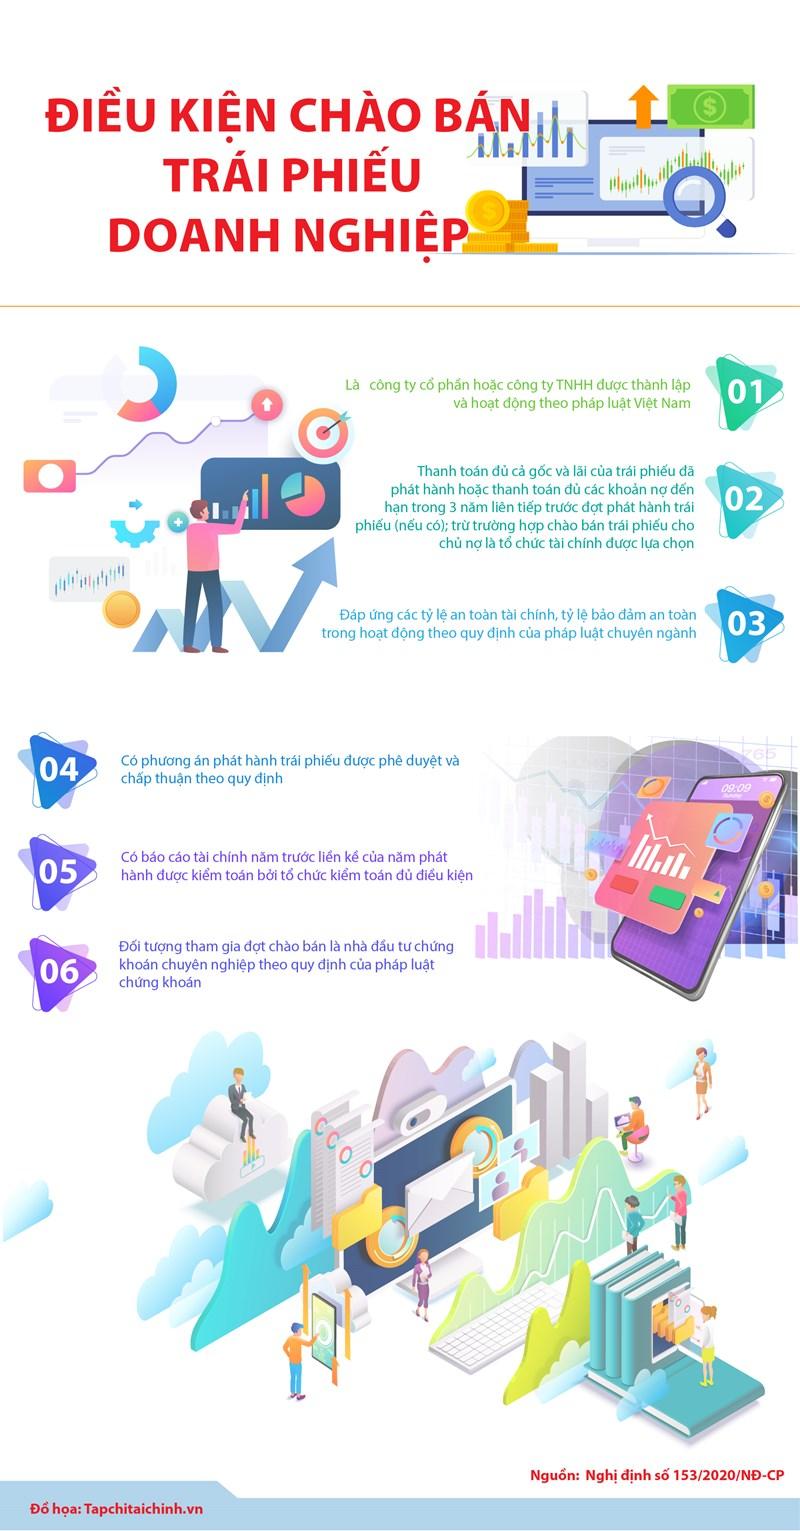 [Infographics] Điều kiện chào bán trái phiếu doanh nghiệp như thế nào? - Ảnh 1